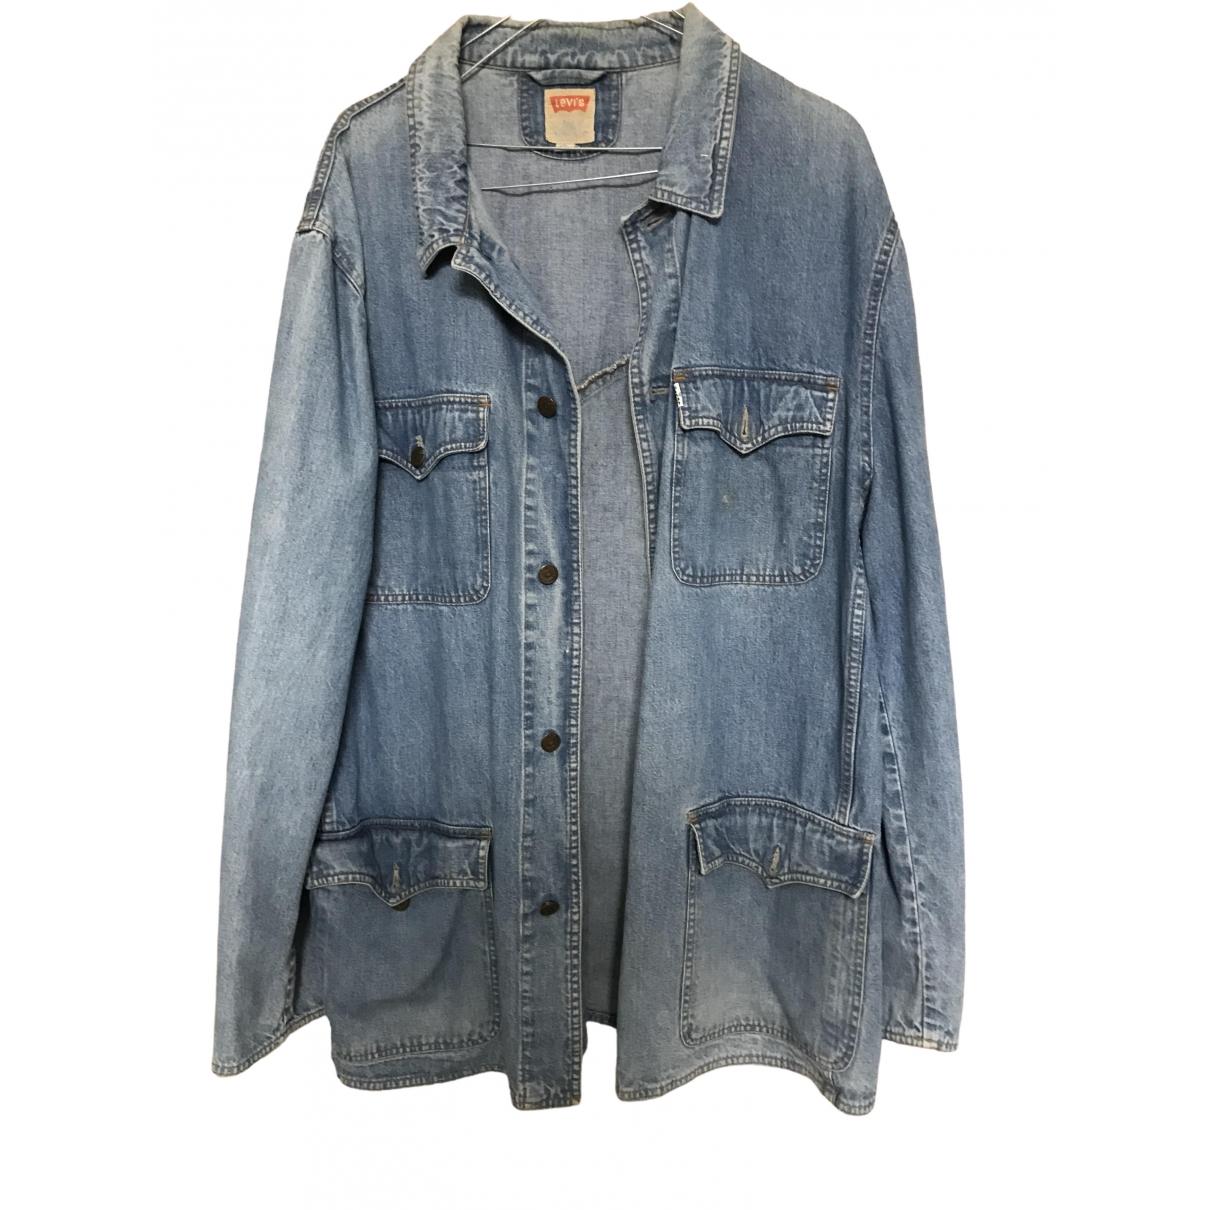 Levi's \N Blue Denim - Jeans jacket  for Men XL International